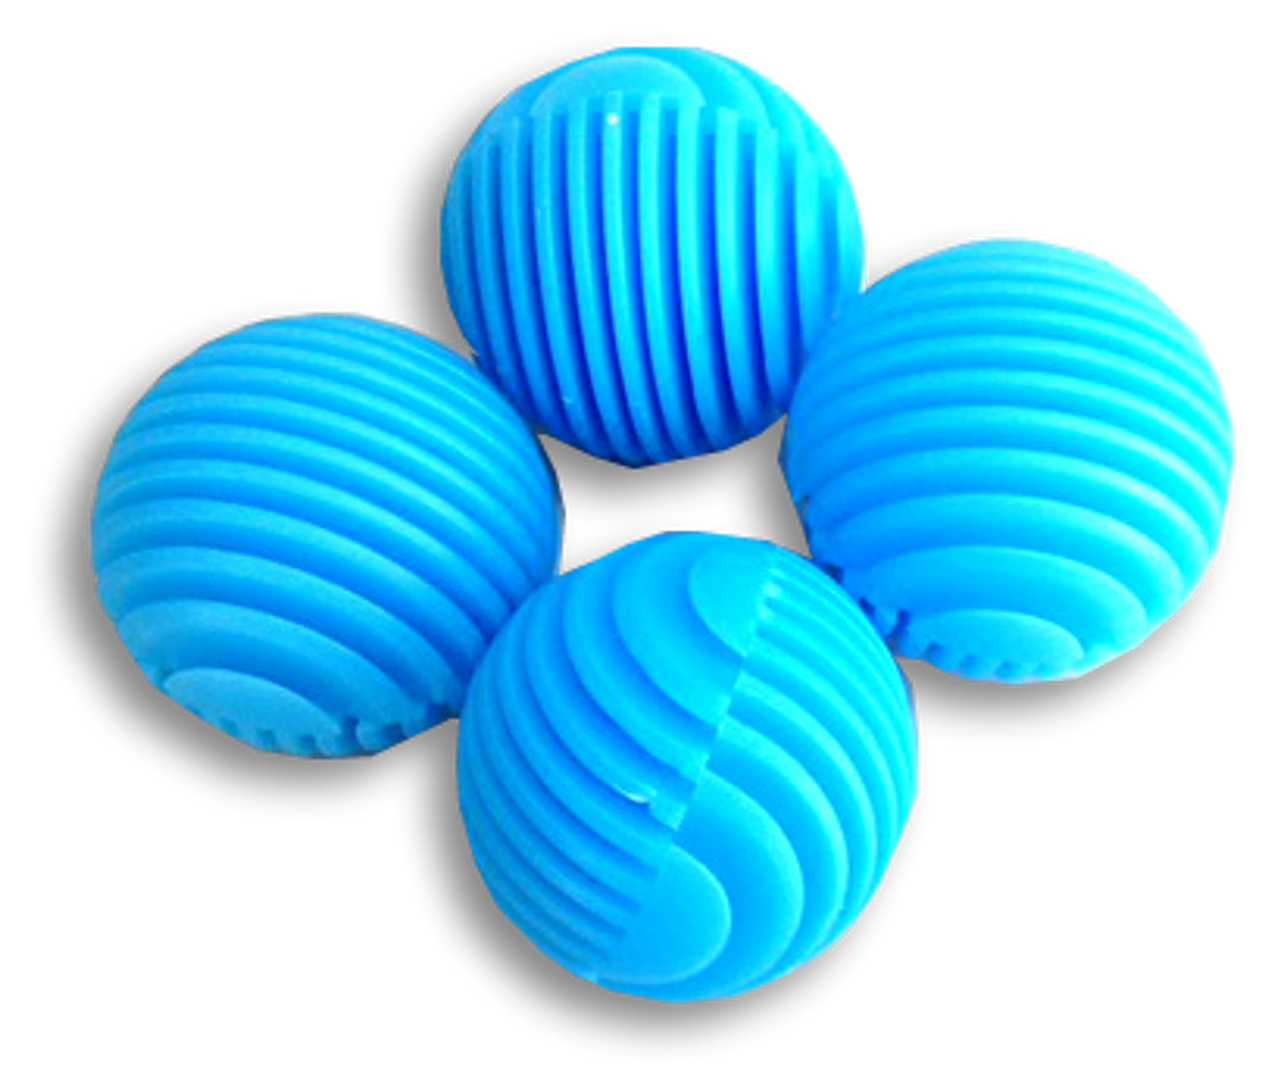 bioballs pond balls 5000l 2kg tank bio koi filters hydroponics bacteria aquaculture aquaponics bioball